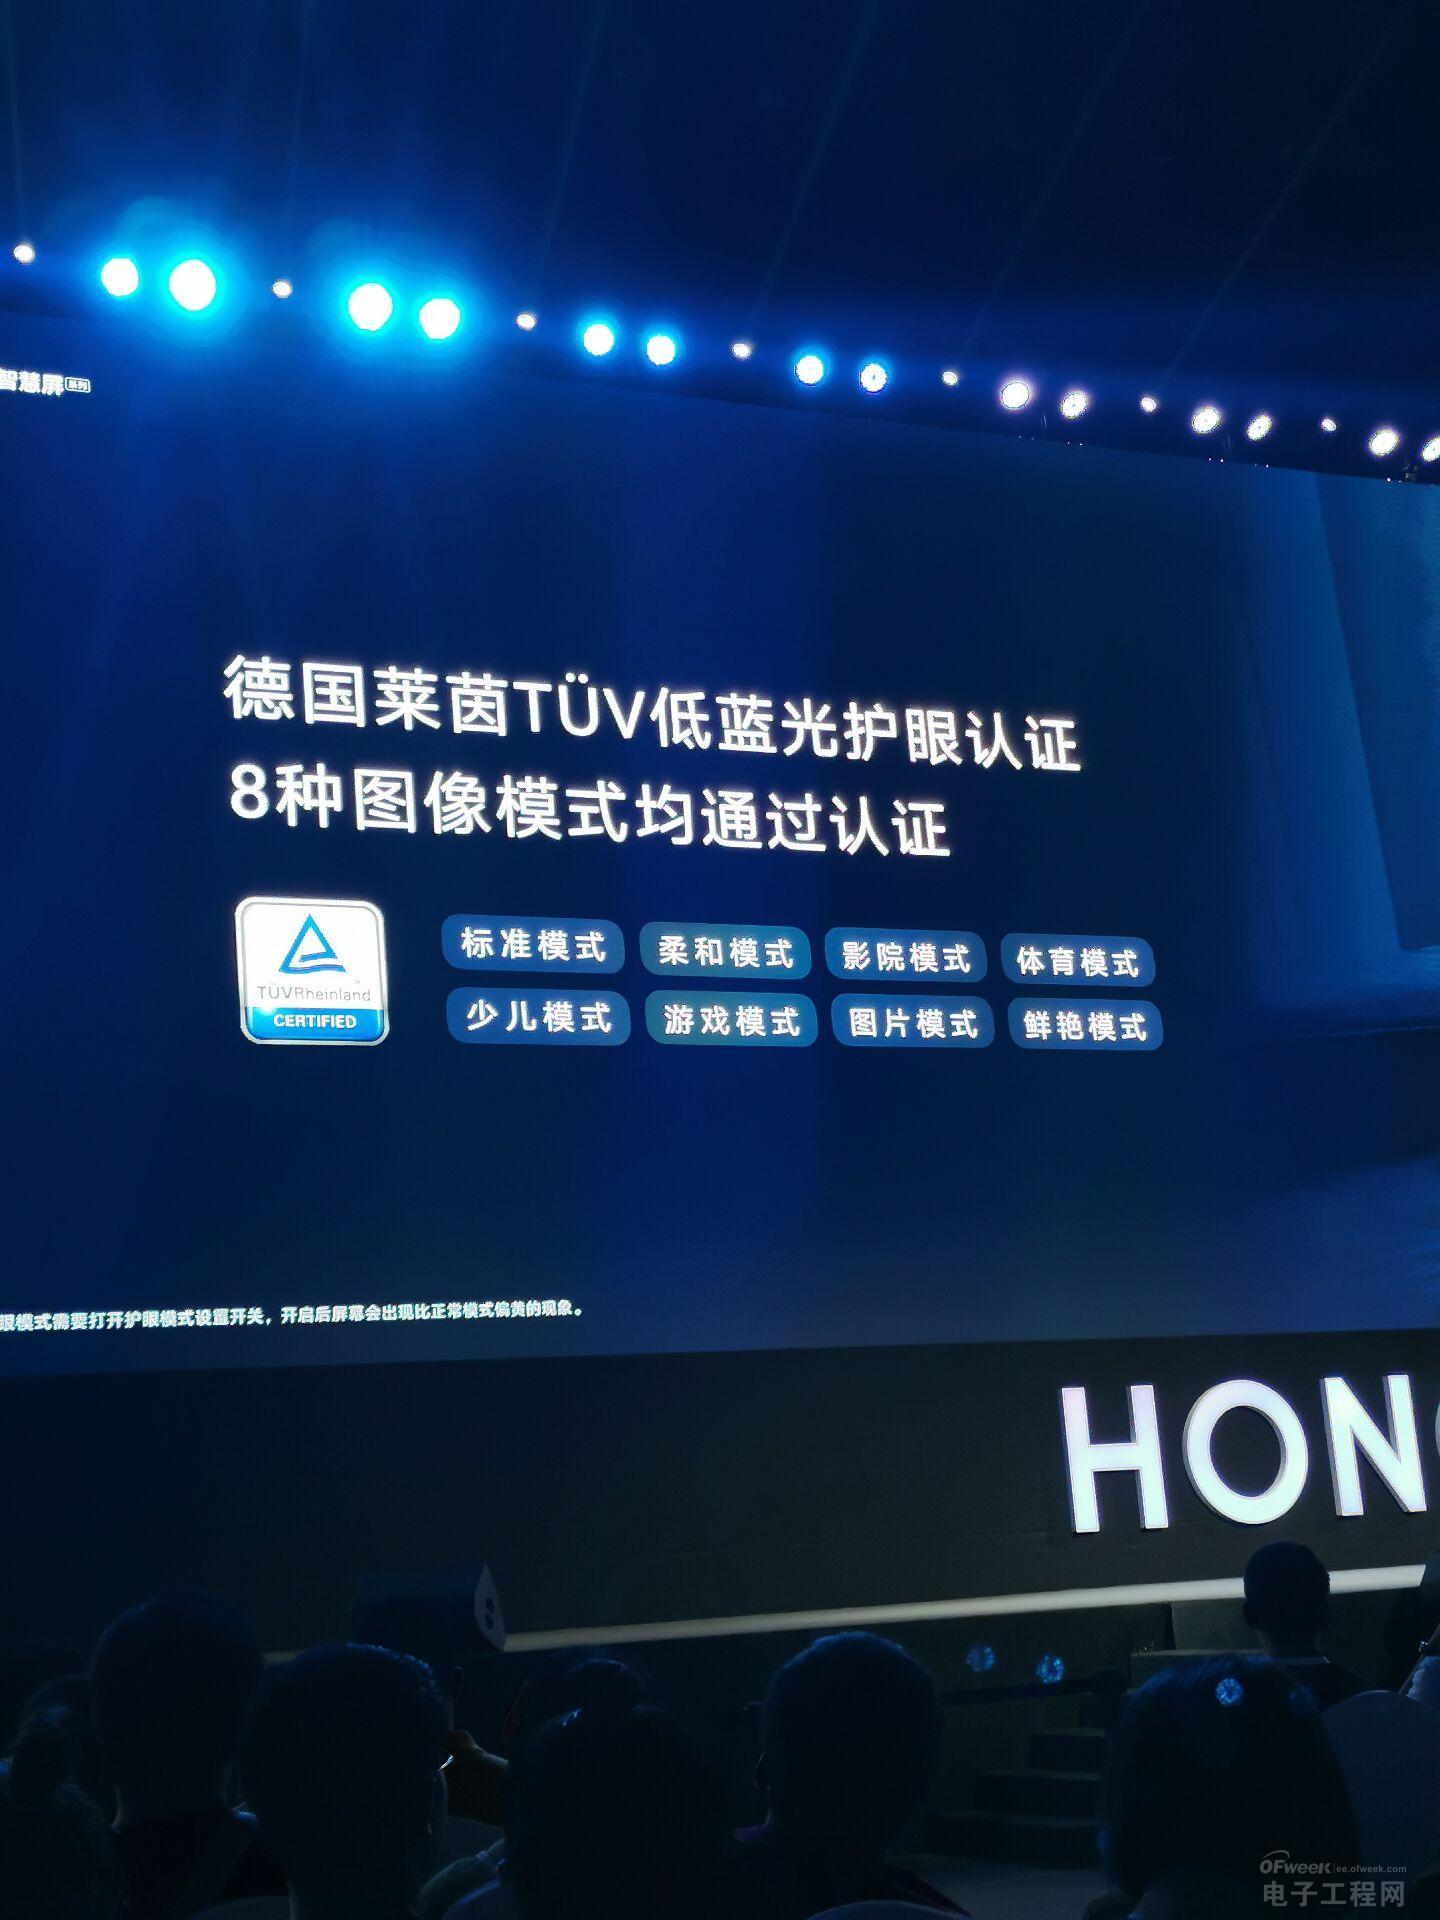 全球首款搭载华为鸿蒙操作系统的终端荣耀智慧屏正式发布!